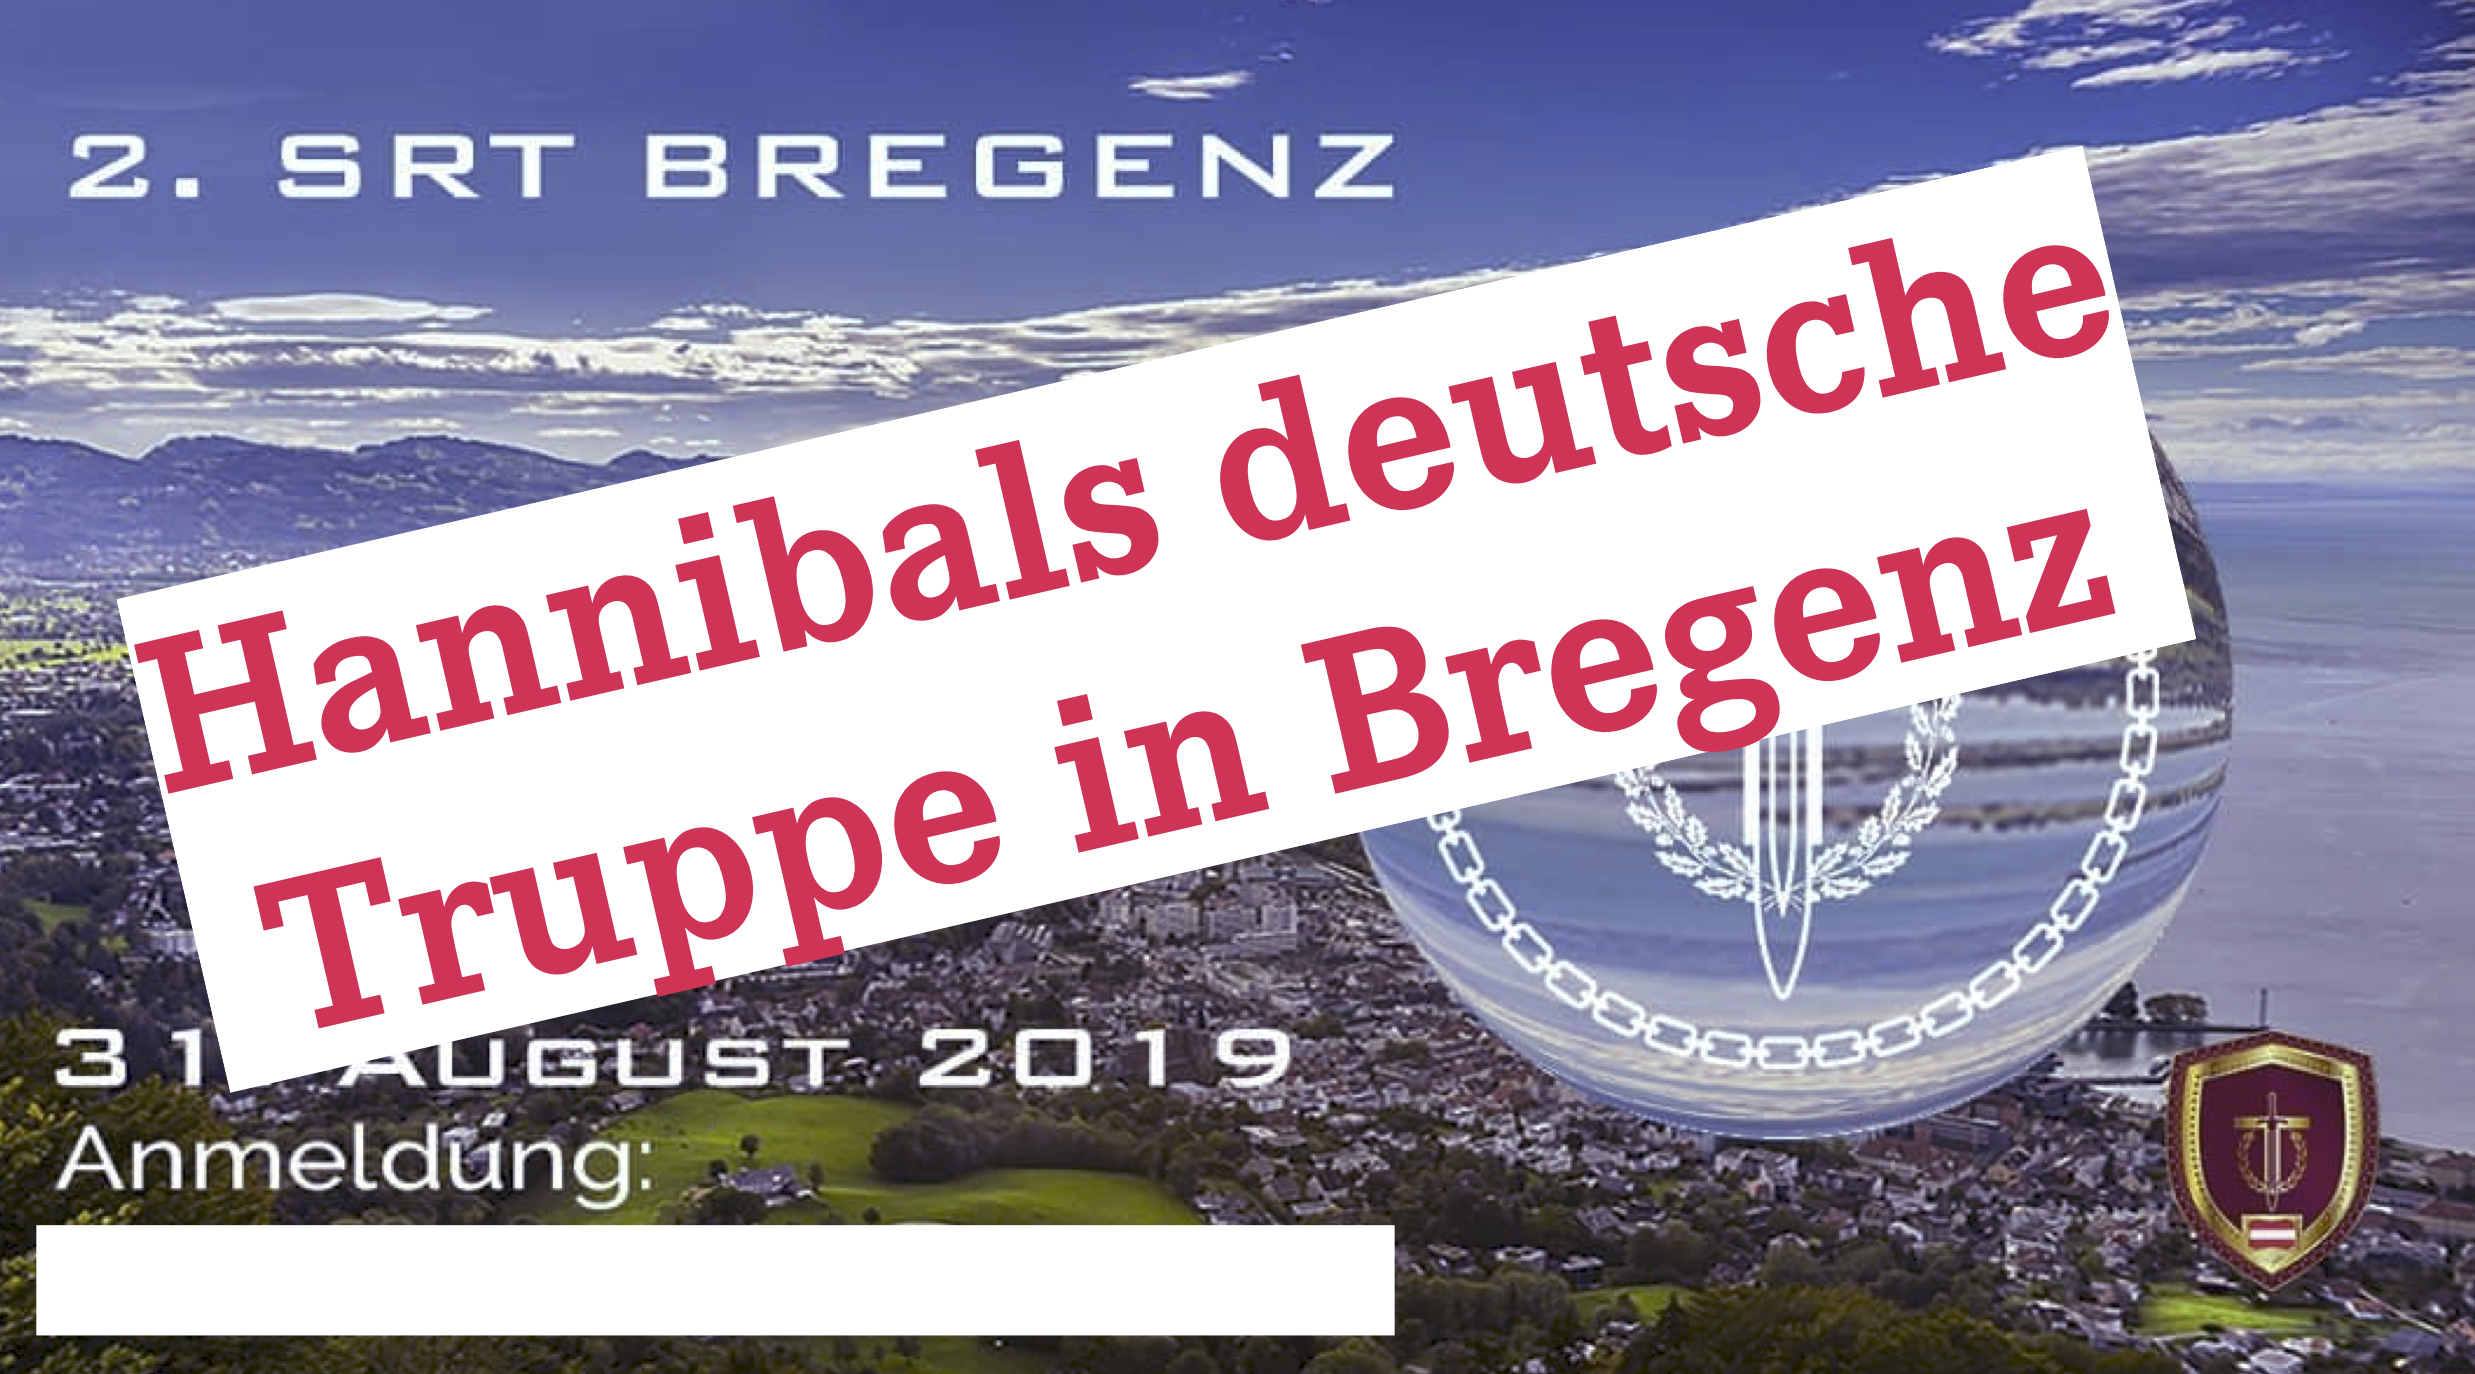 Hannibals deutsche Truppe in Bregenz